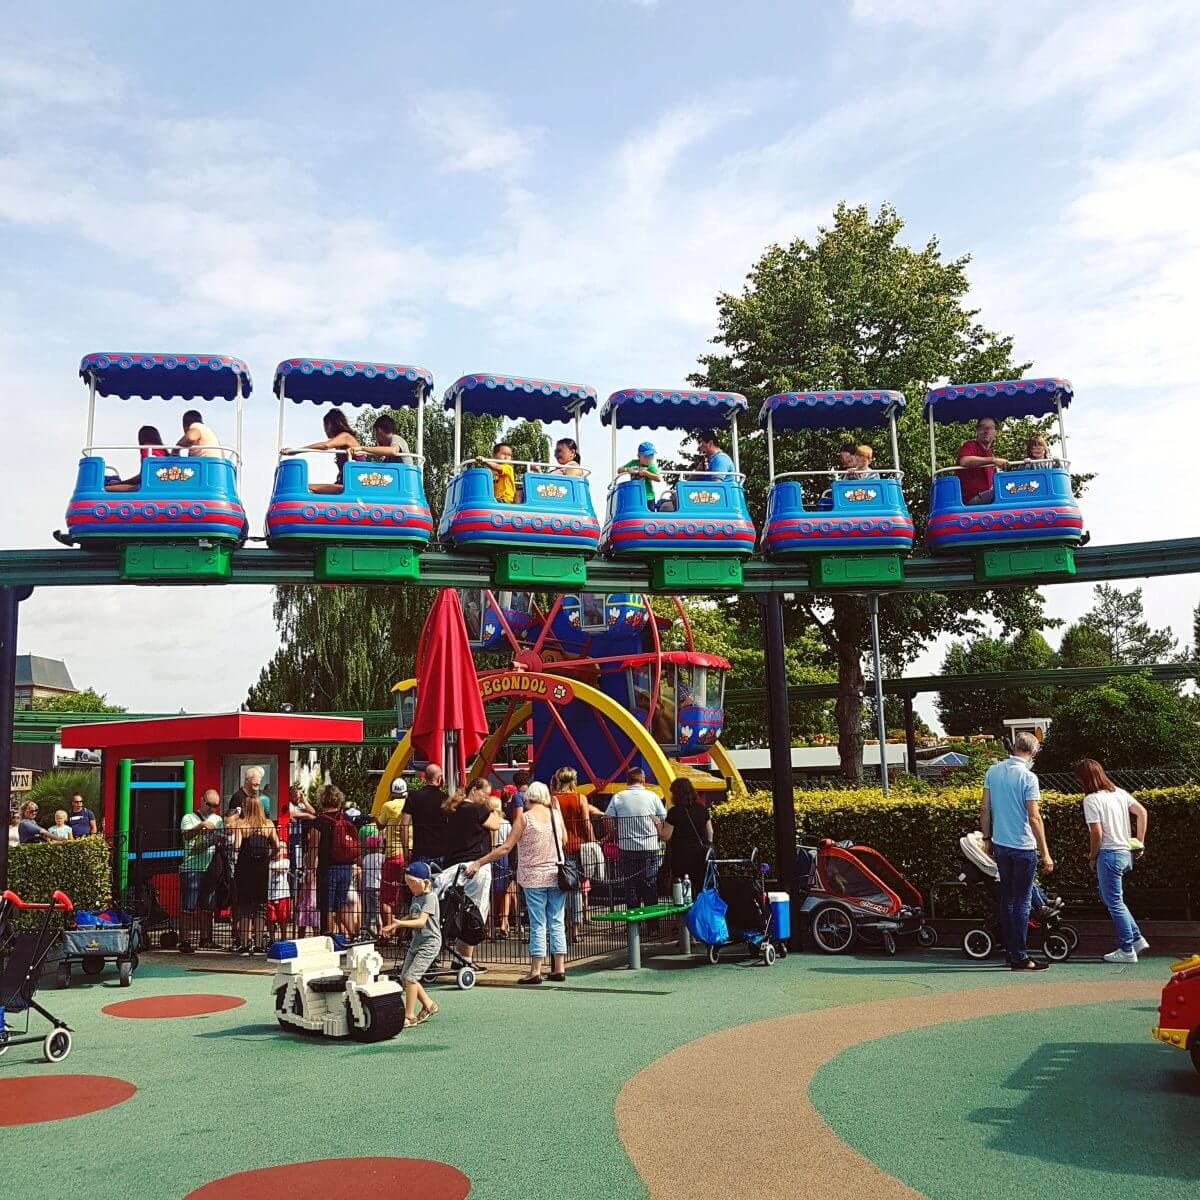 Legoland met kinderen: alles wat je wil weten, Miniland monorail en DUPLO Land Legondel #leukmetkids #legoland #Denemarken #kinderen